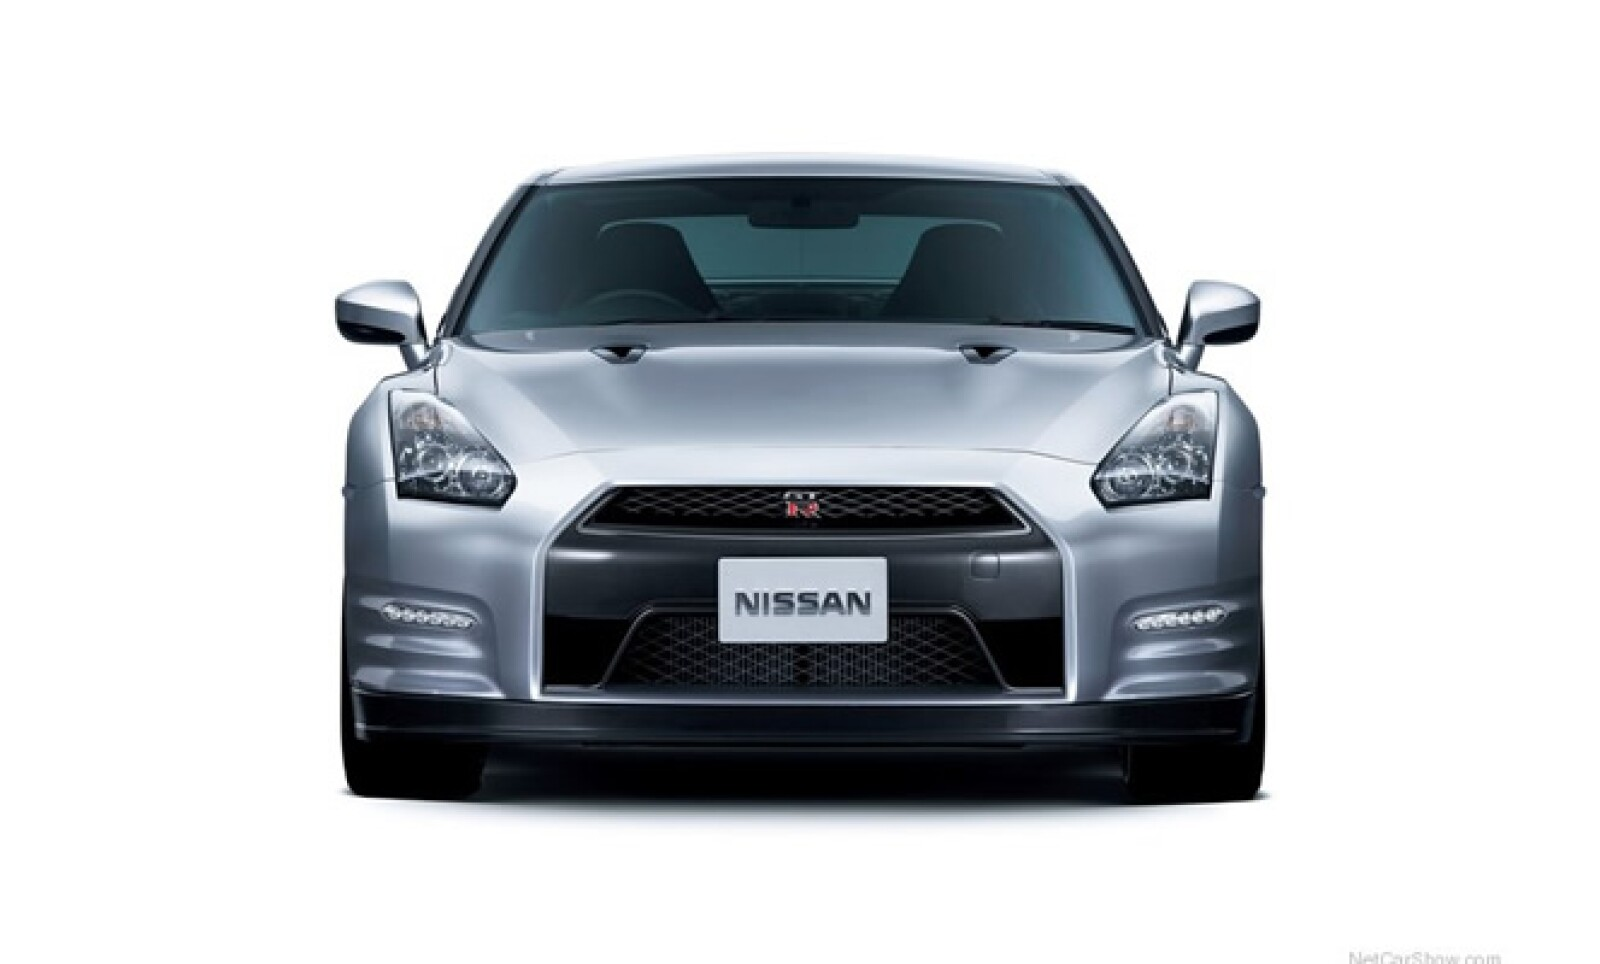 El precio de este vehículo es de 69,550 libras esterlinas, aproximadamente 1.3 millones de pesos.